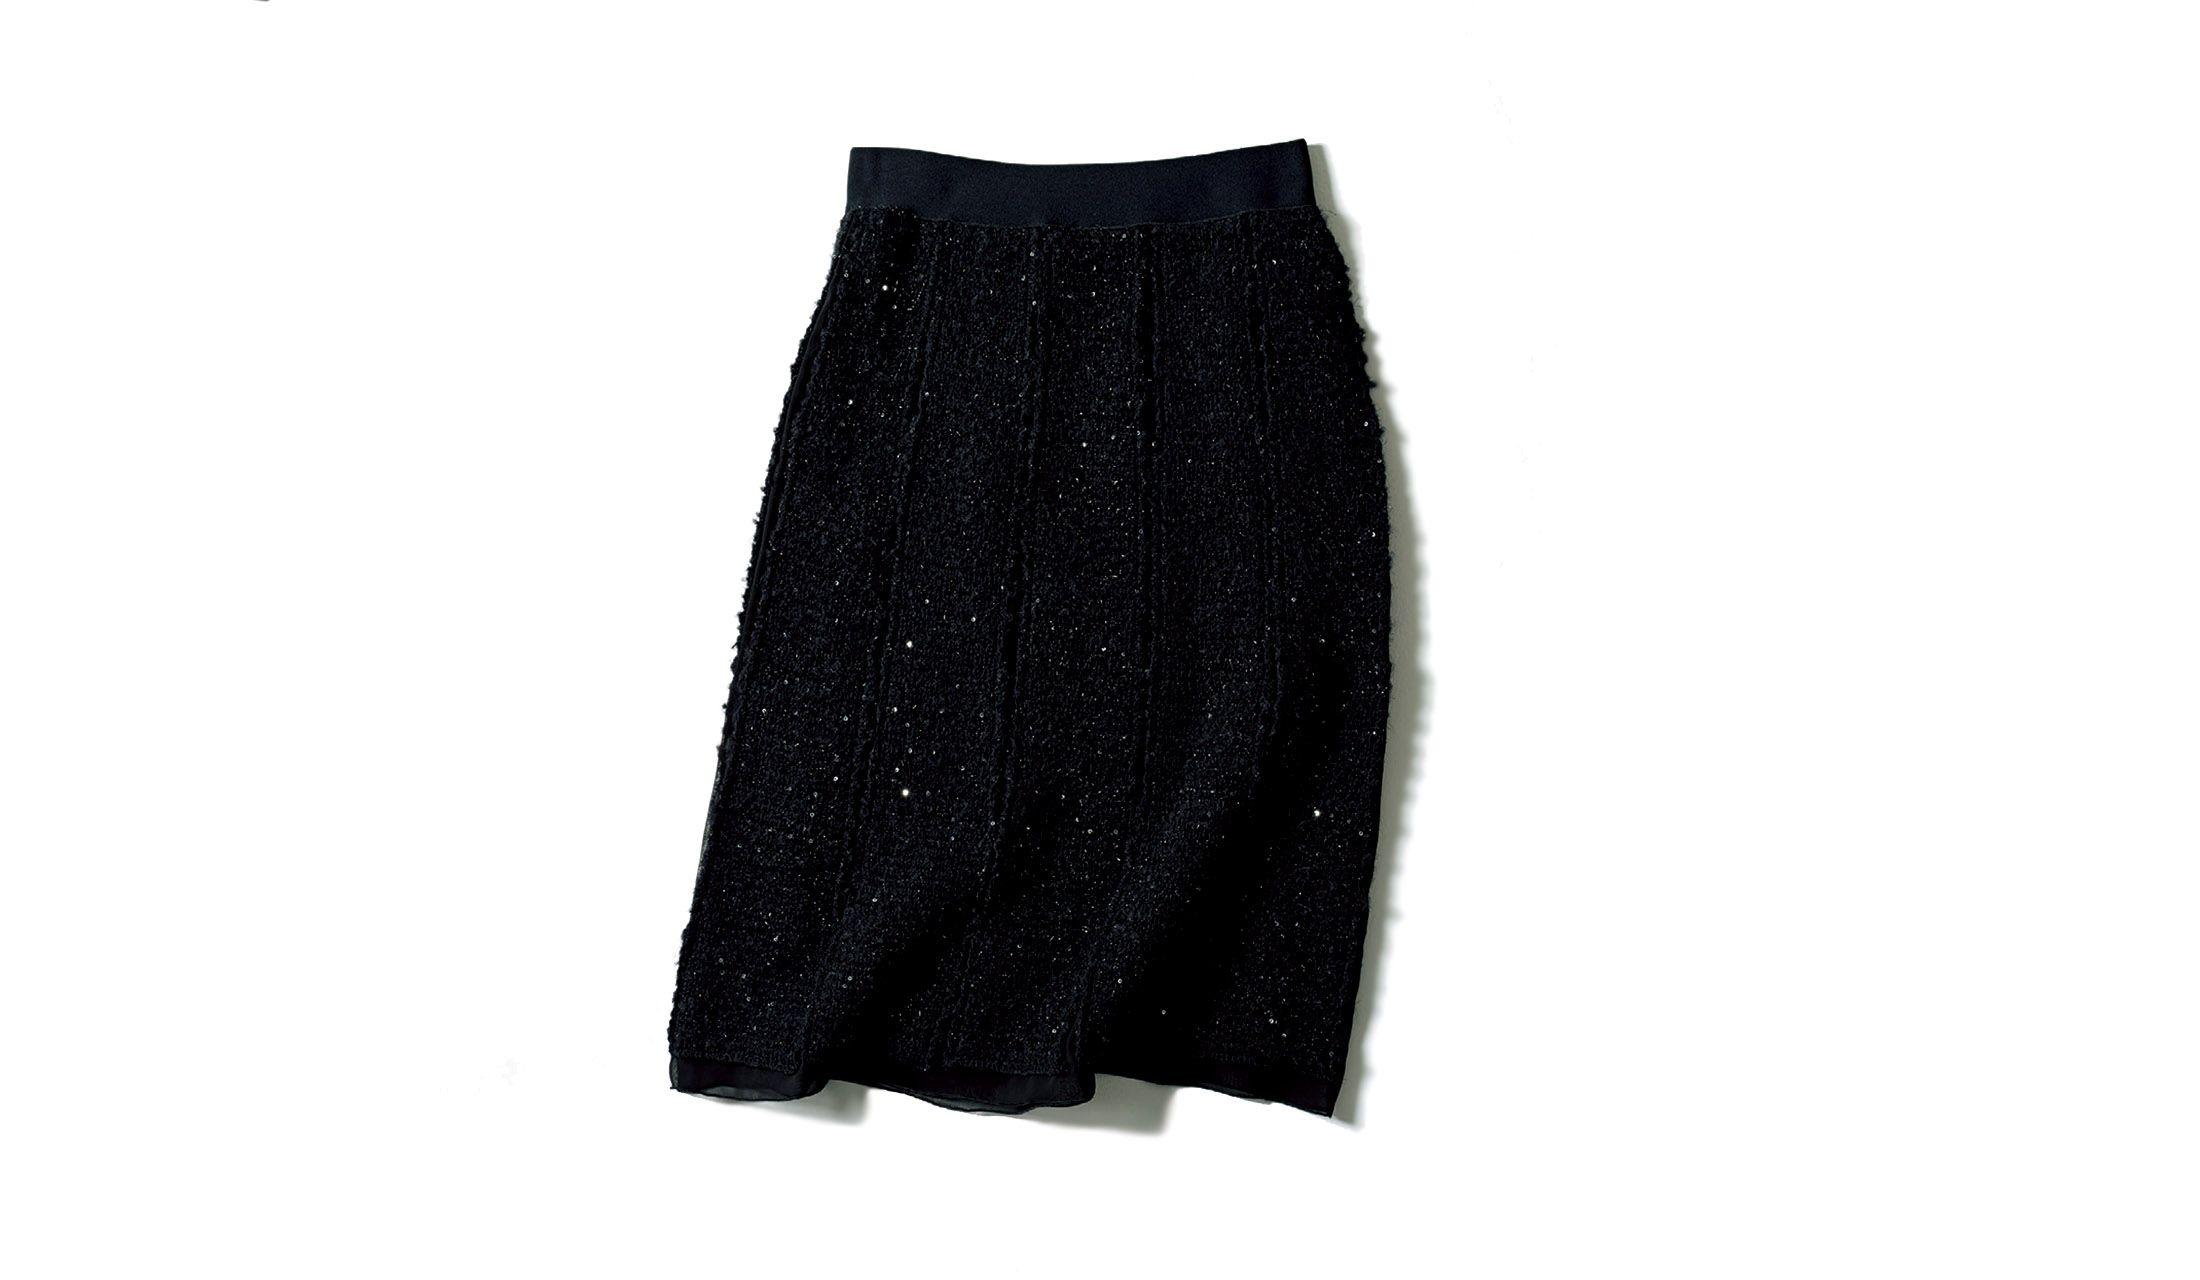 レ・コパンのシークインツイードのAラインスカート